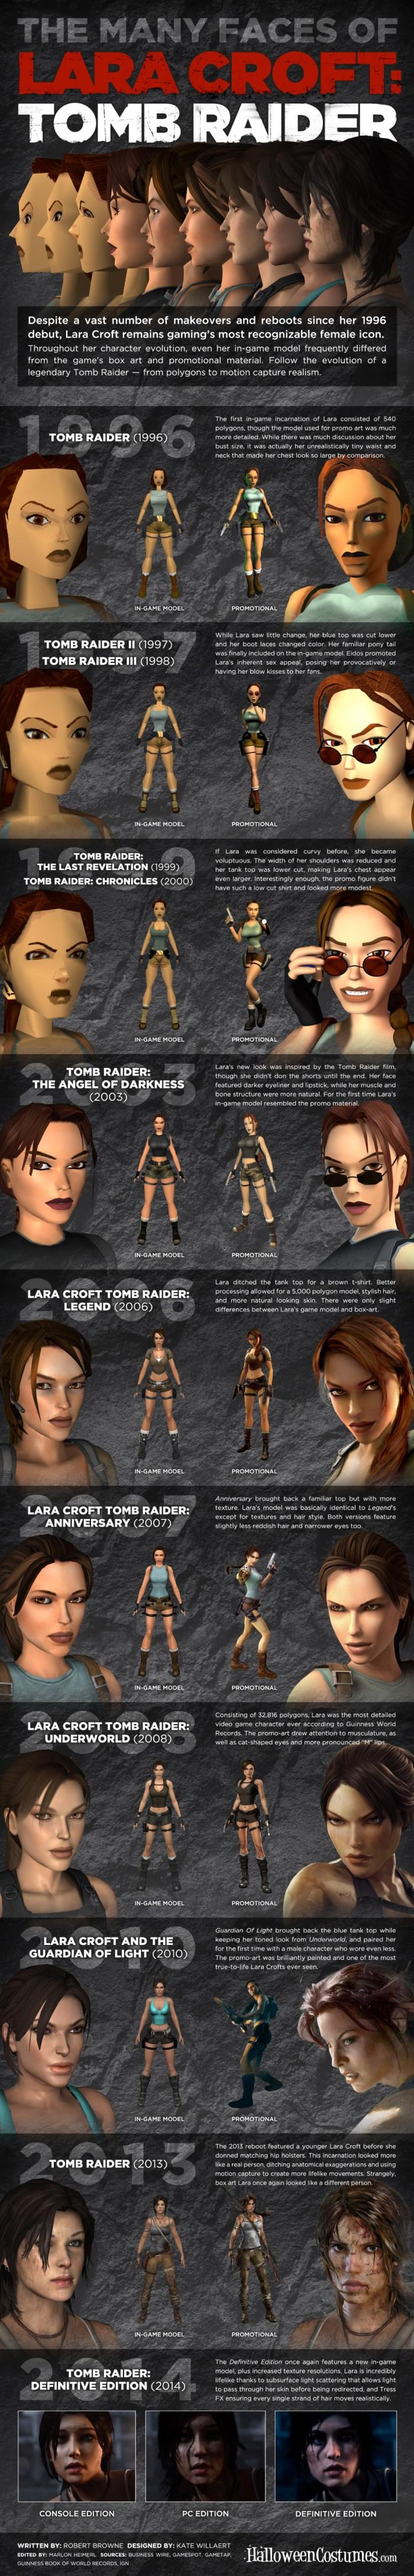 Los 10 cambios de Lara Croft a través de los años [Tomb Raider] - Tomb-Raider-Infographic